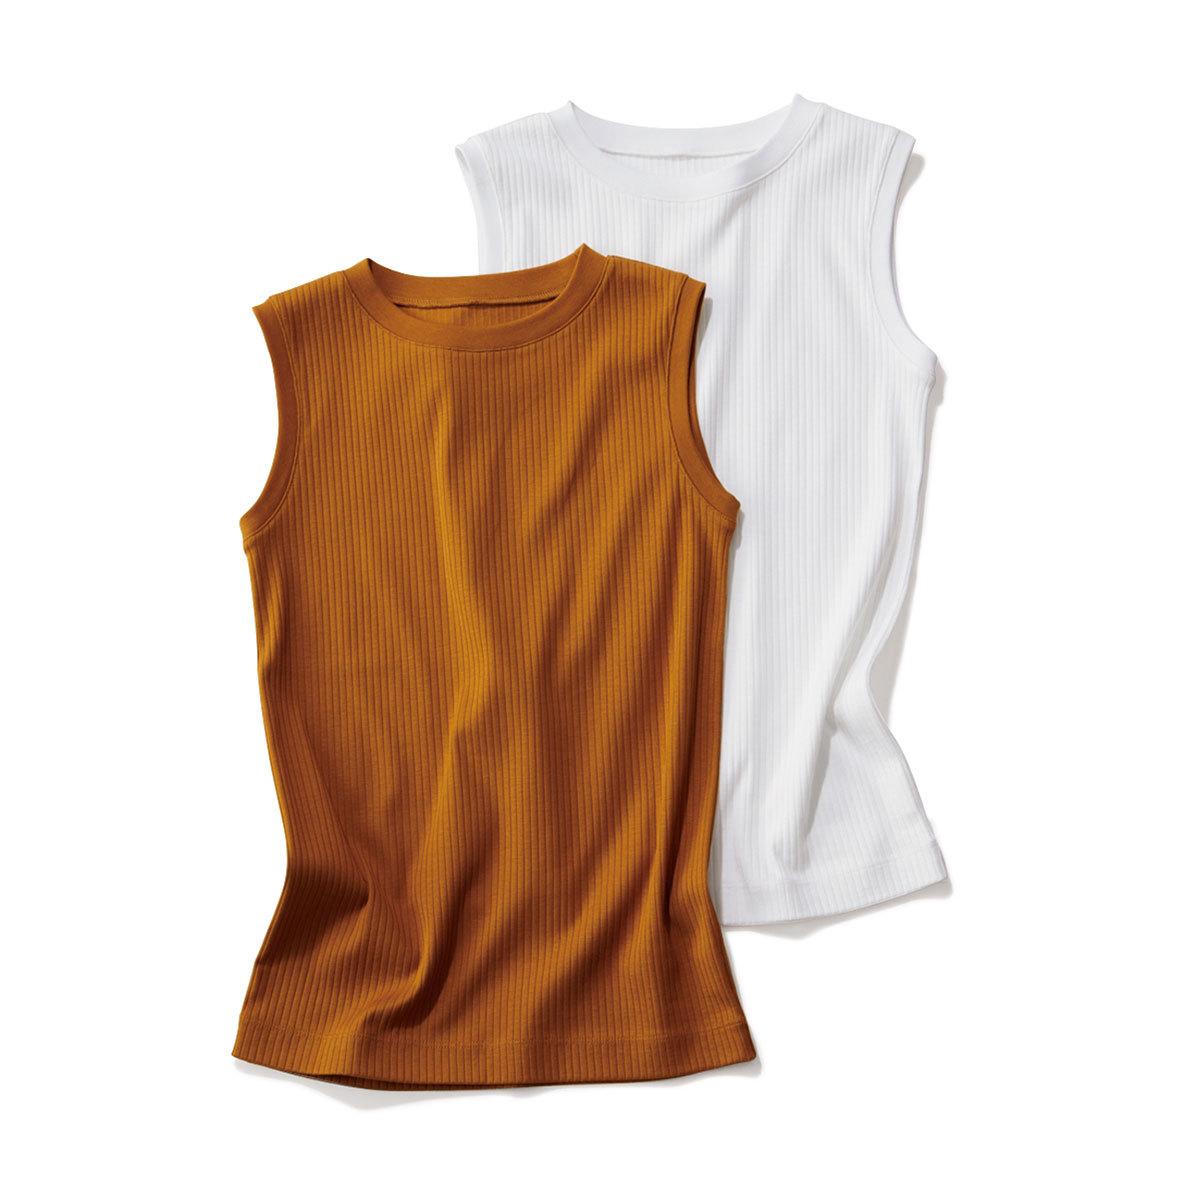 40代ファッション2019年夏のお買い物_アッシュ・スタンダードのノースリーブカットソー